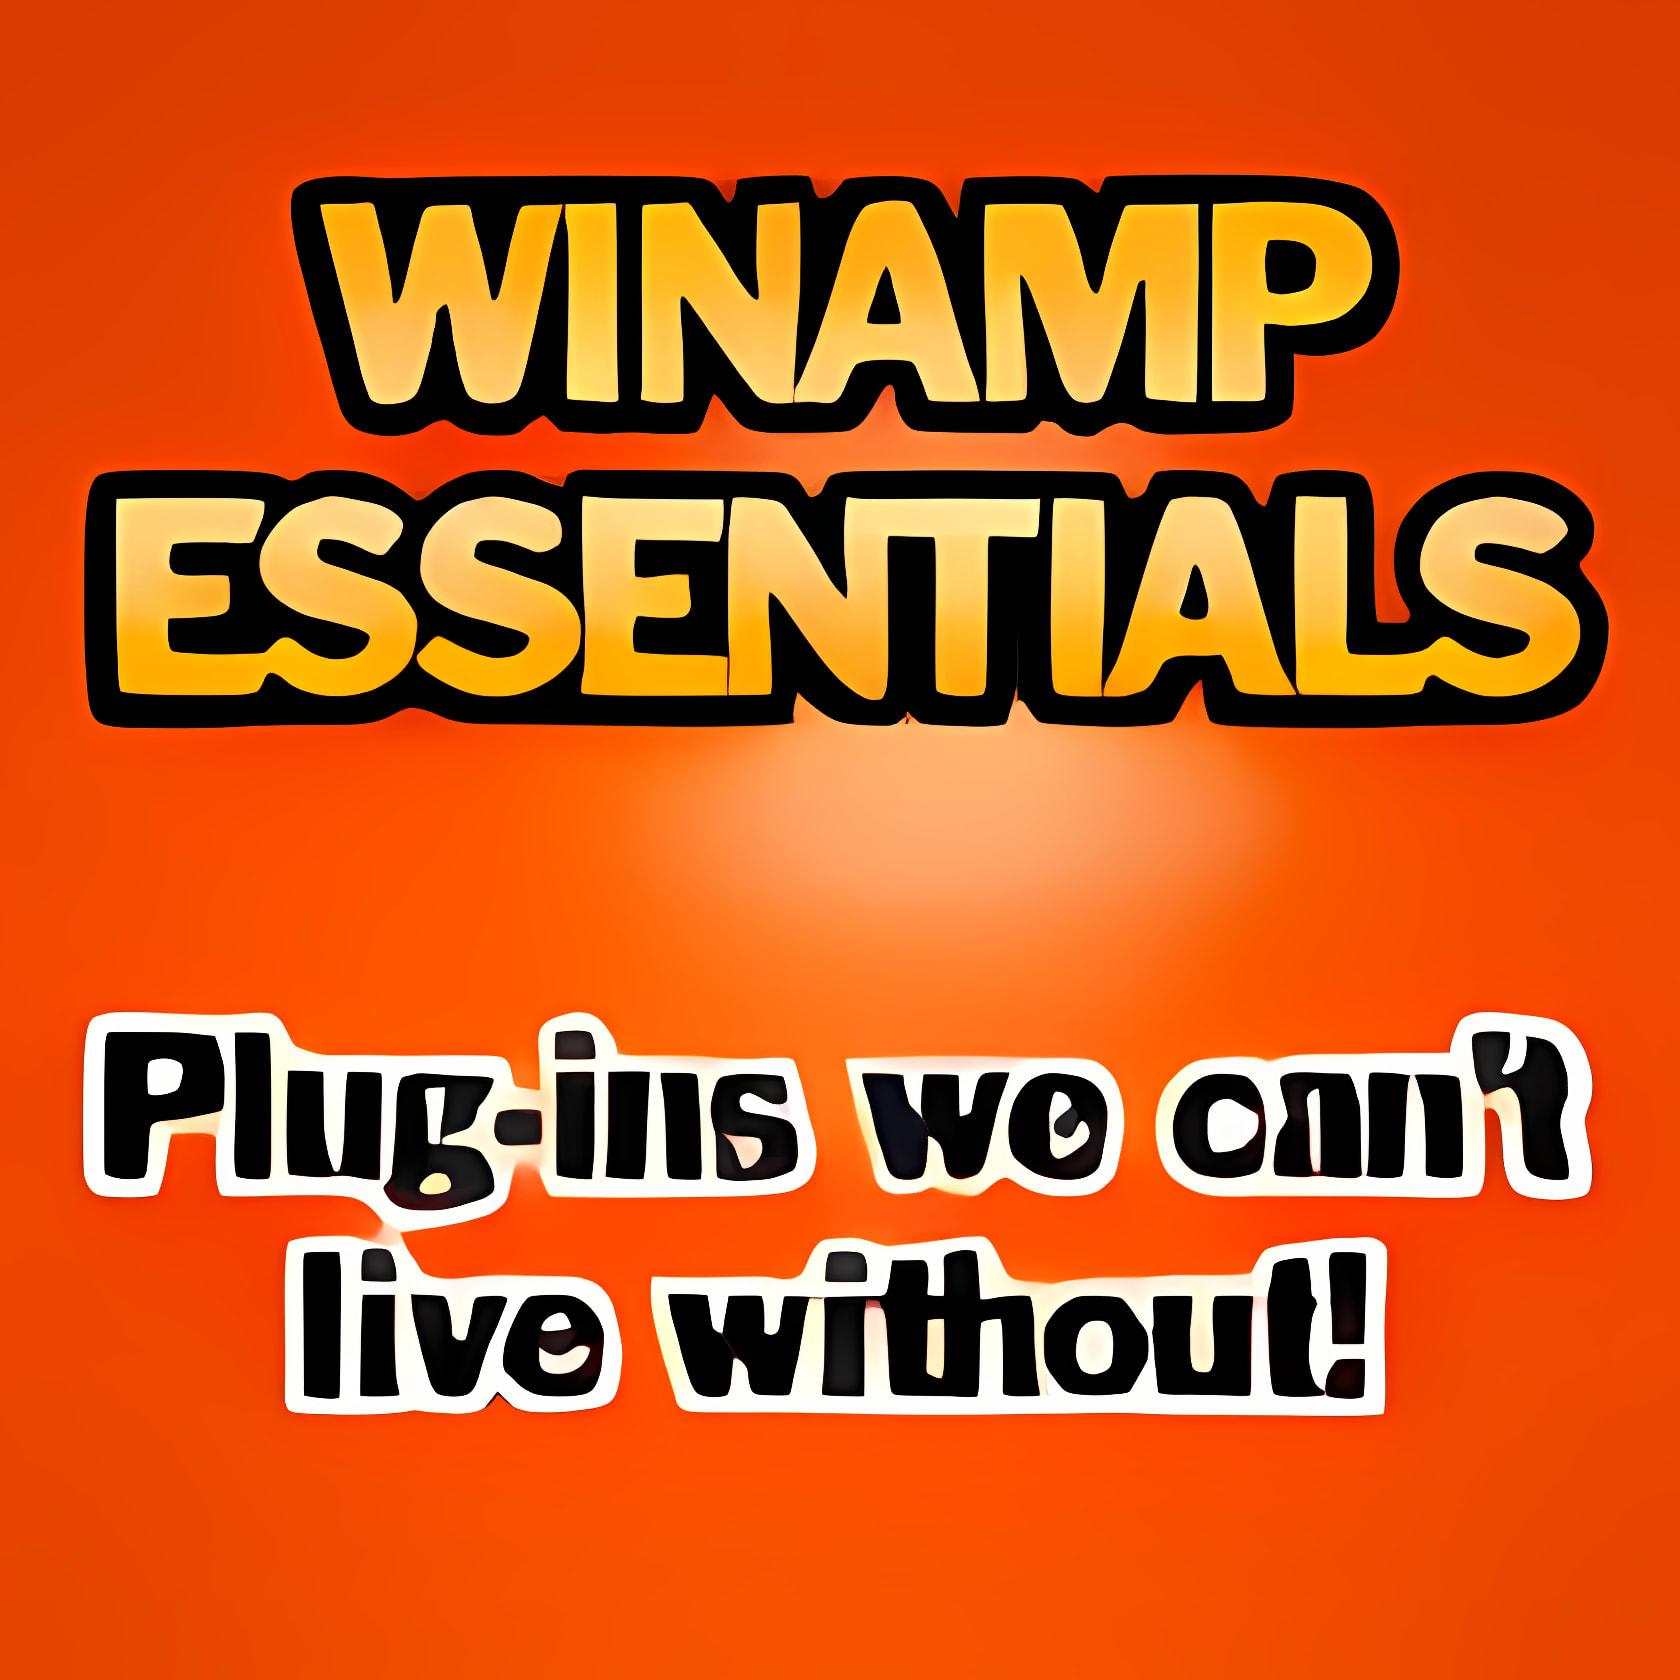 Winamp Essentials Pack